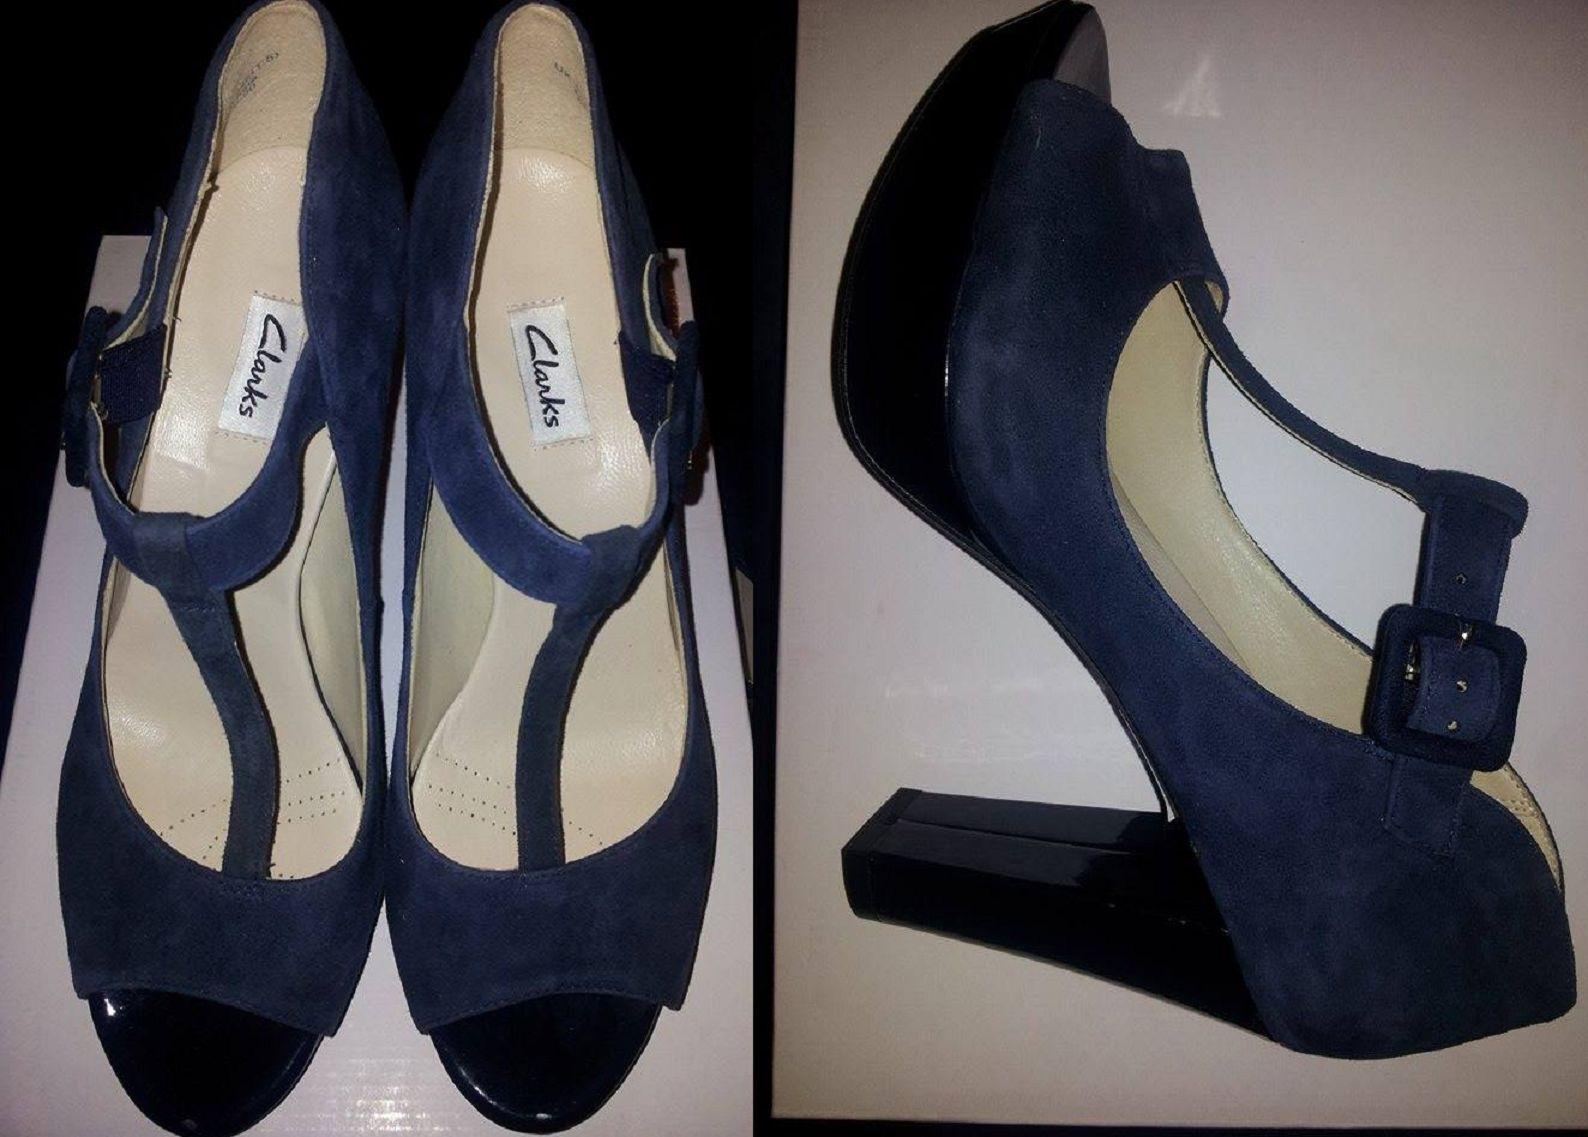 Clarks Sangria Moon Navy Suede shoes UK6D.